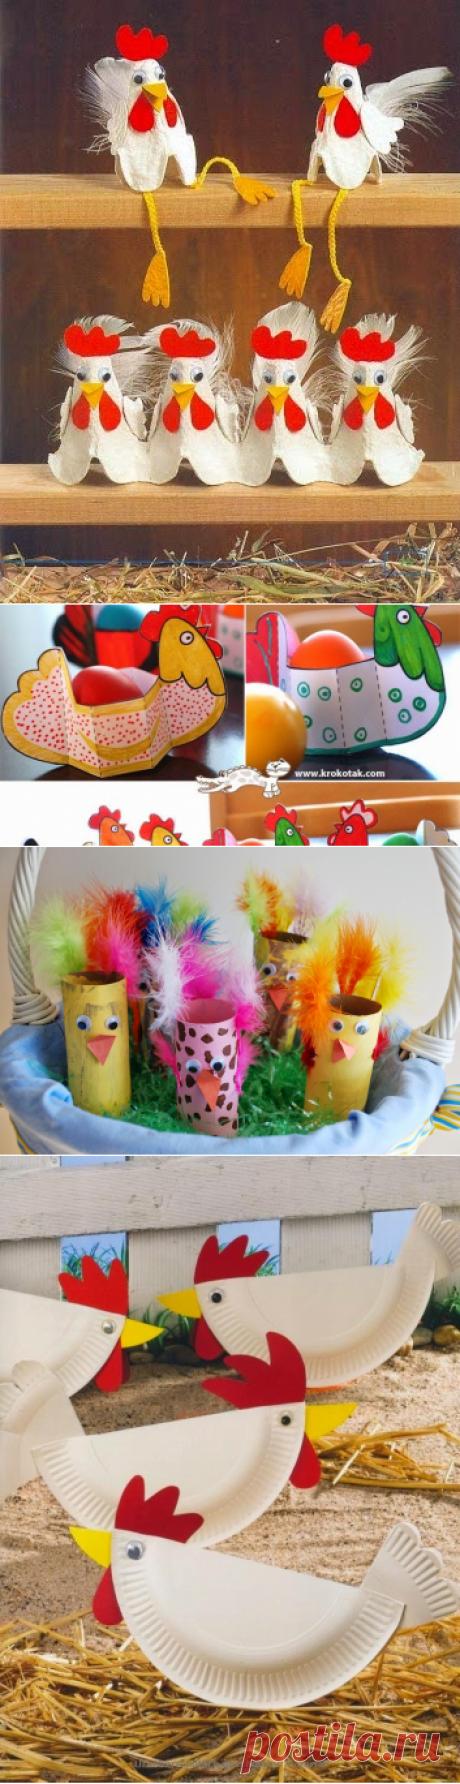 Детские поделки к Пасхе своими руками: пасхальная курочка из бумаги, яичных лотков, бумажных тарелок, туалетных рулонов и перчаток ~ КАРАПУЗОВЕДЕНИЕ